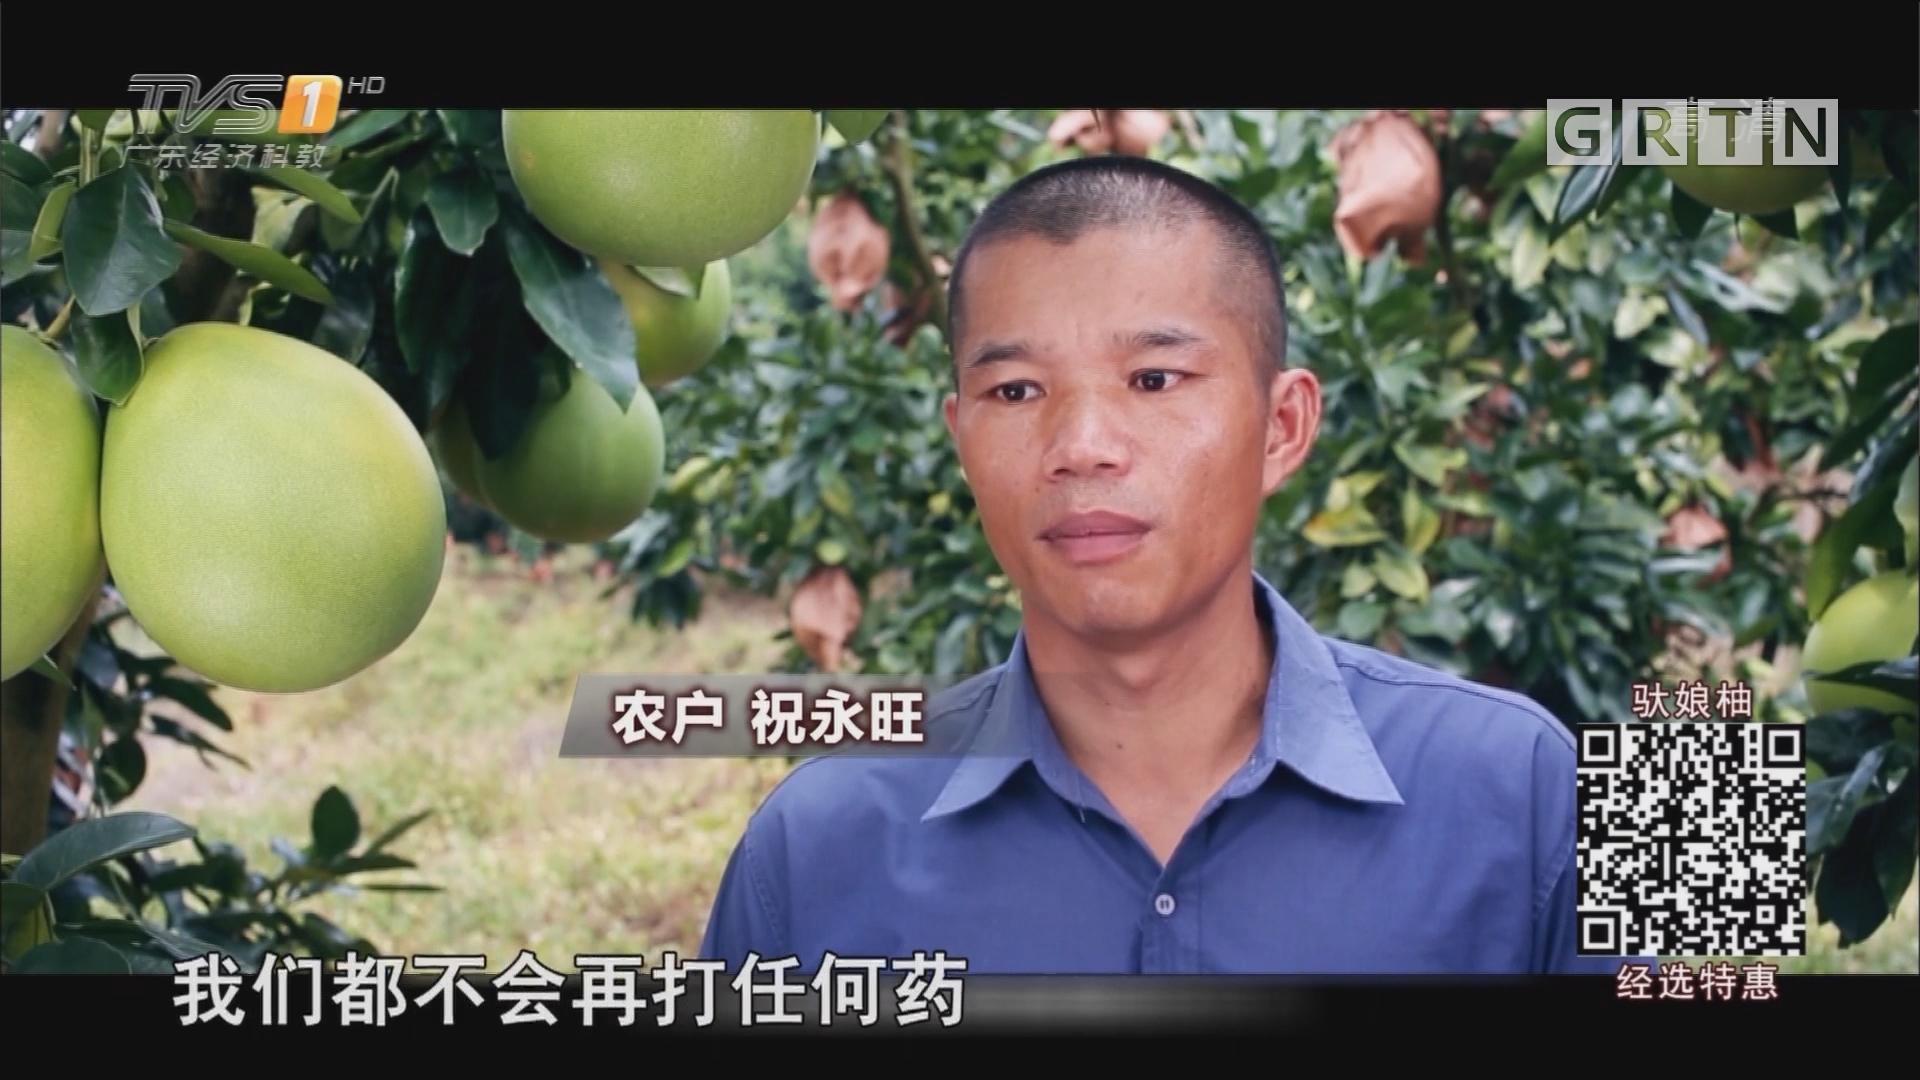 种植匠祝永旺:这个中秋 请带上柚子回家!